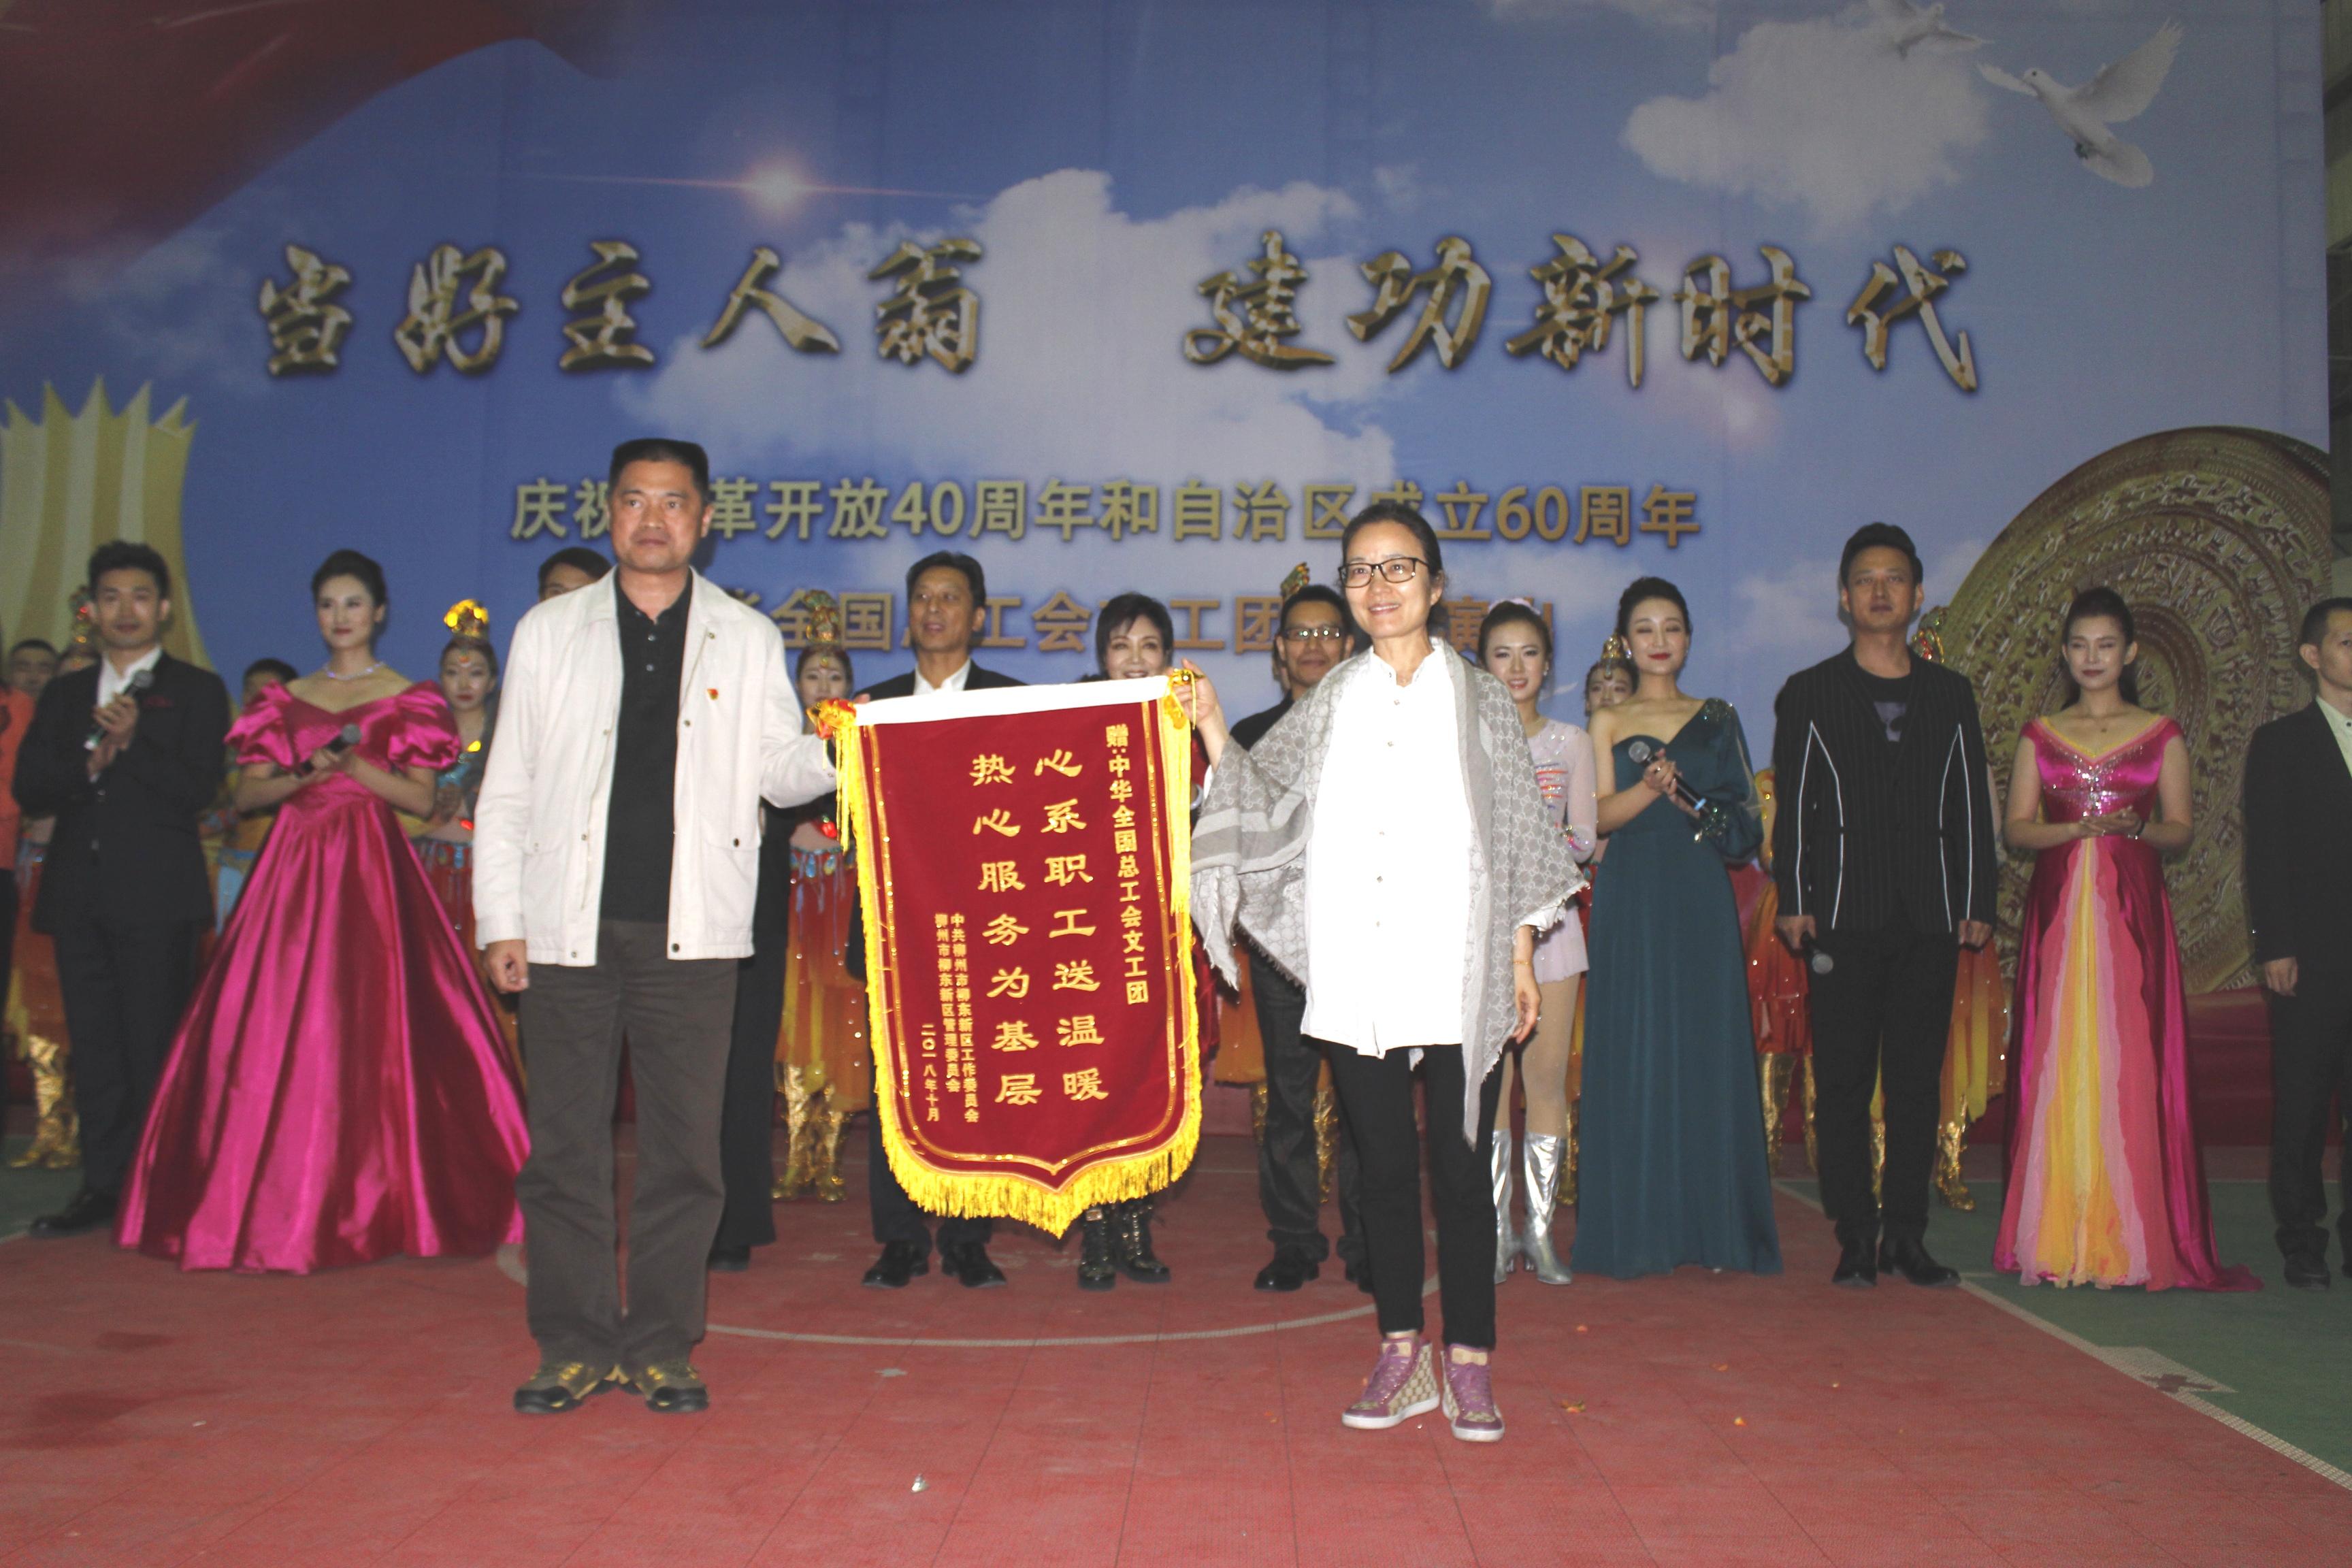 演出结束新区党工委副书记周海涛代表柳东新区(高新区)党工委,管委会